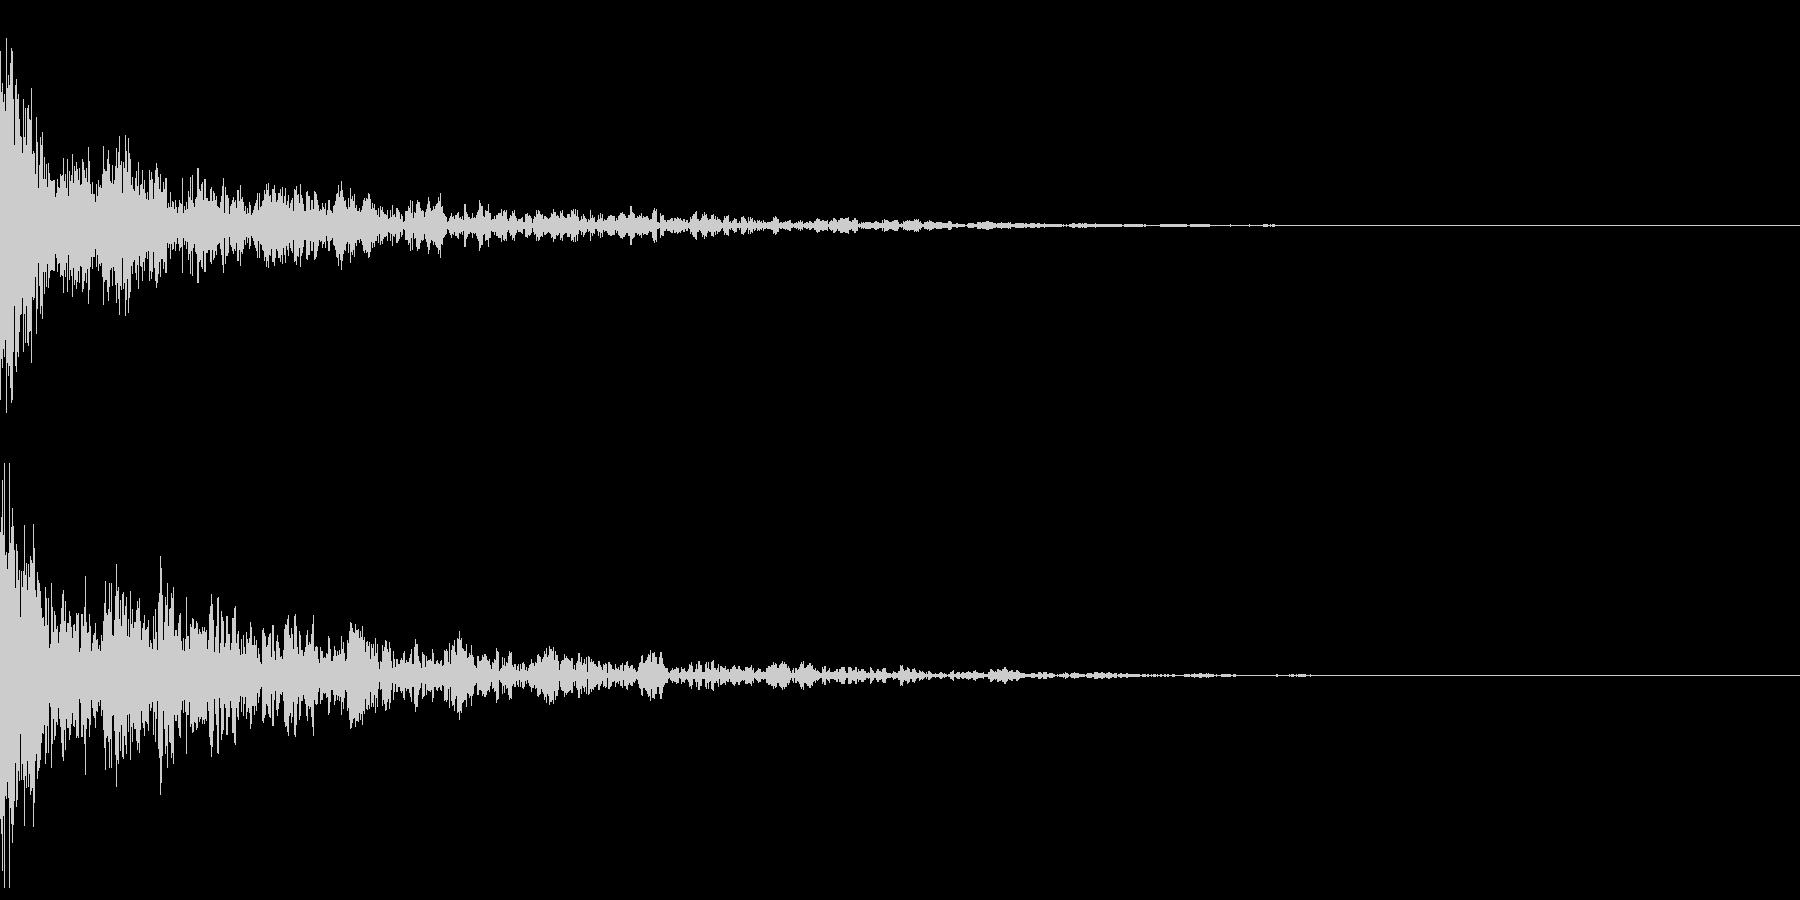 ドーン-43-2(インパクト音)の未再生の波形